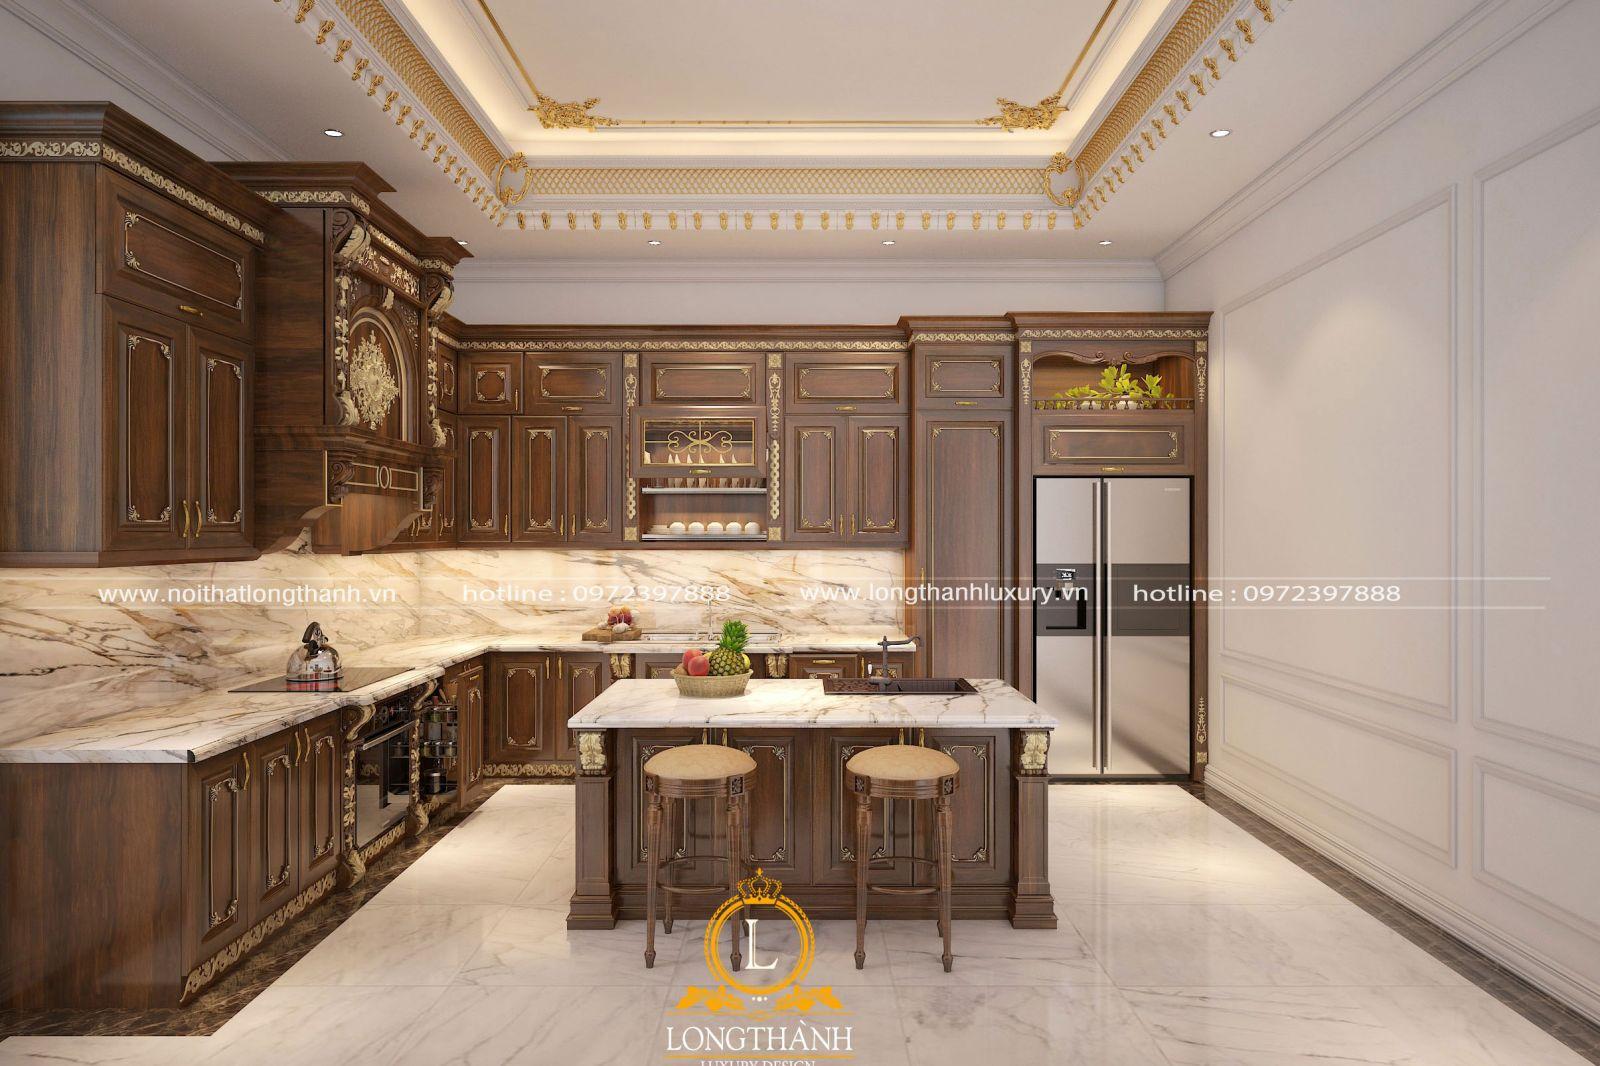 Chiều cao bàn đảo bếp cân đối với đồ nội thất trong cùng không gian bếp